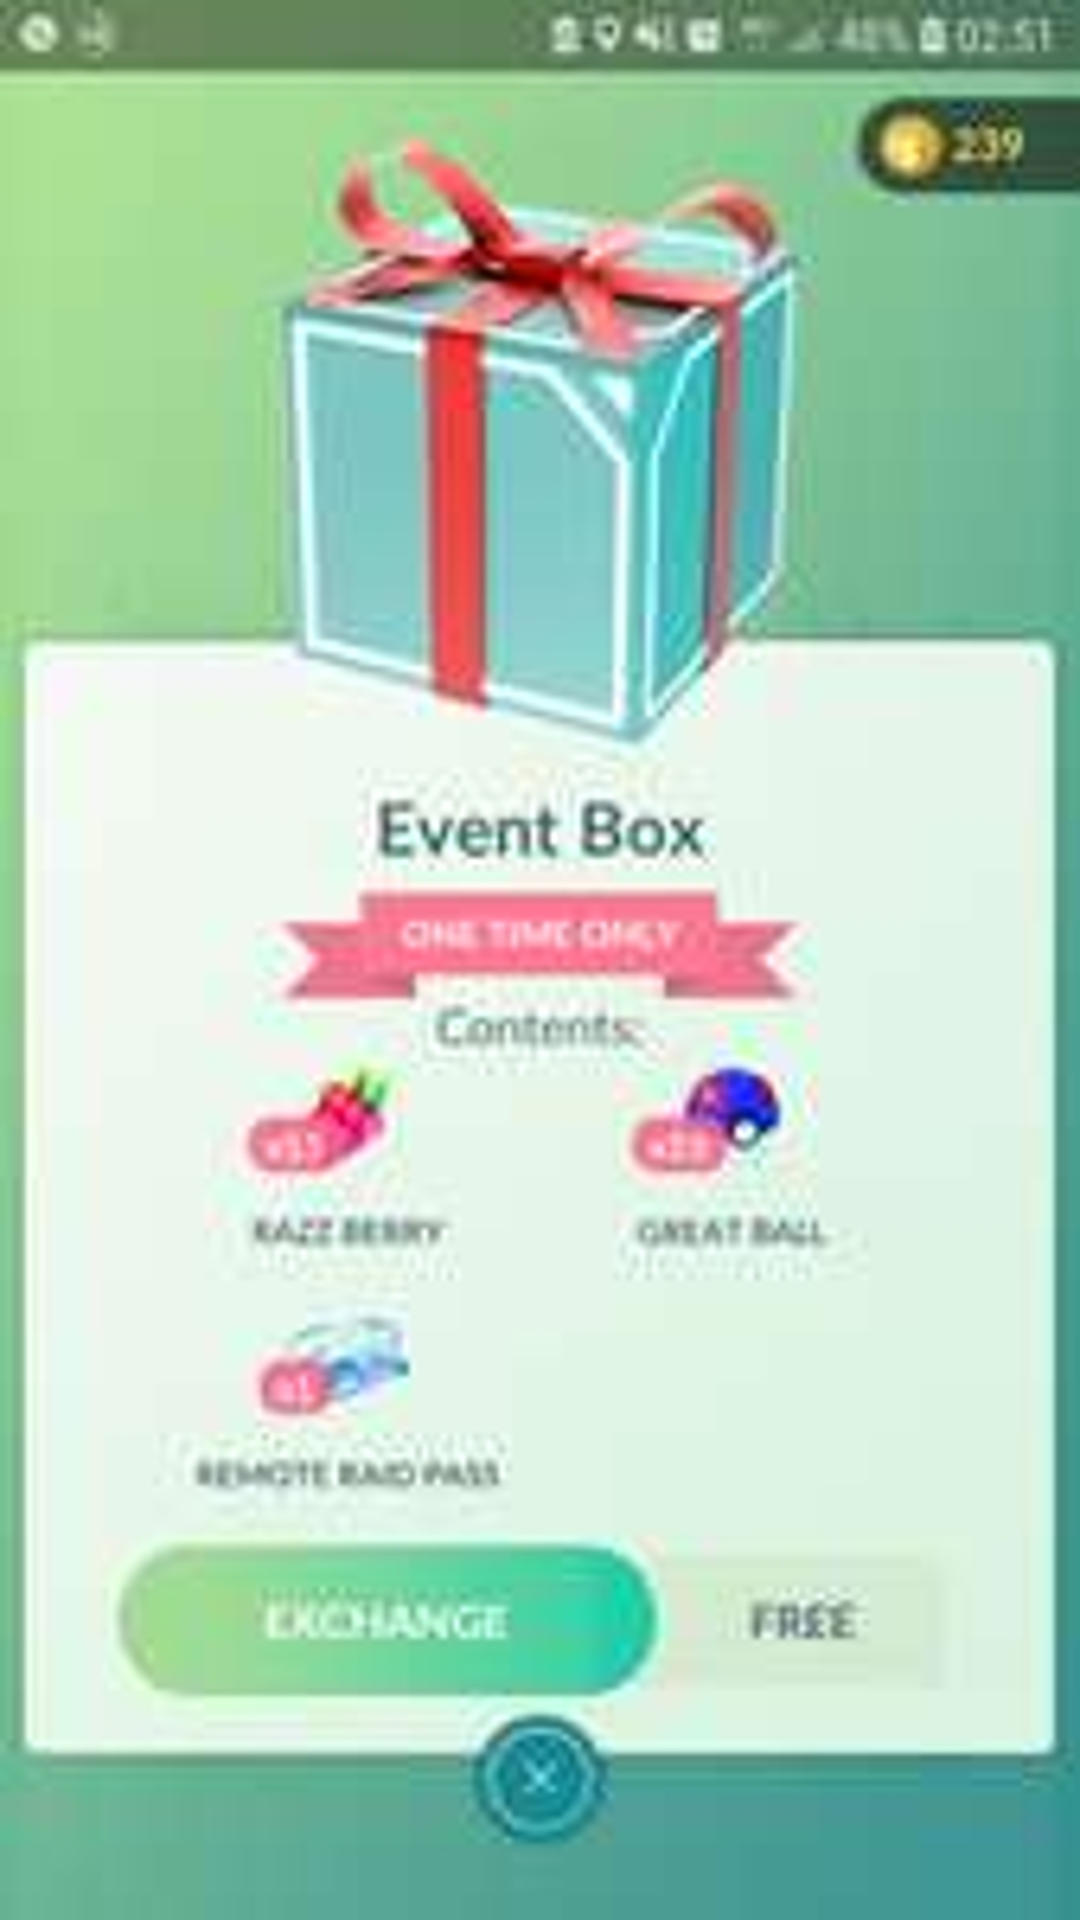 Gratis Pokémon go Event box